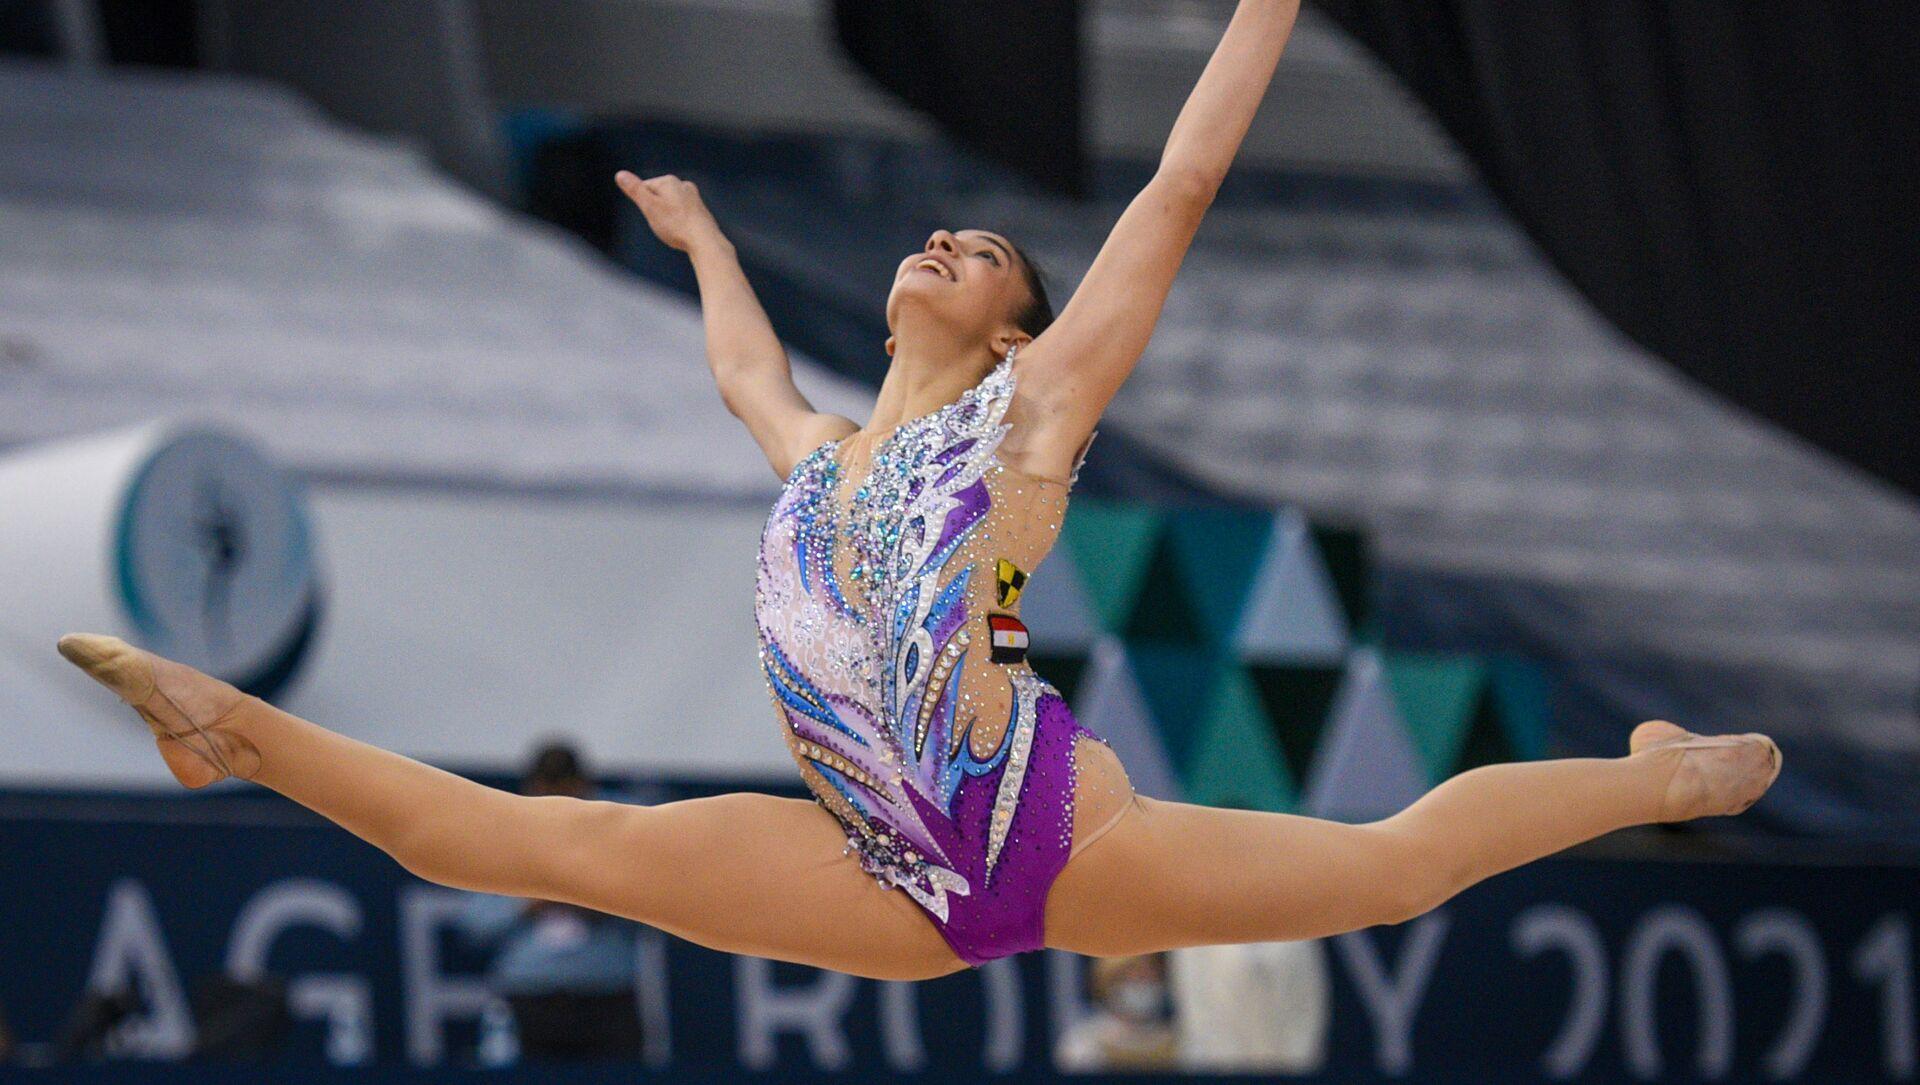 Хабиба Марзук (Египет) выполняет упражнение с булавами в индивидуальном многоборье на этапе Кубка мира по художественной гимнастике в Баку. - Sputnik Азербайджан, 1920, 12.05.2021